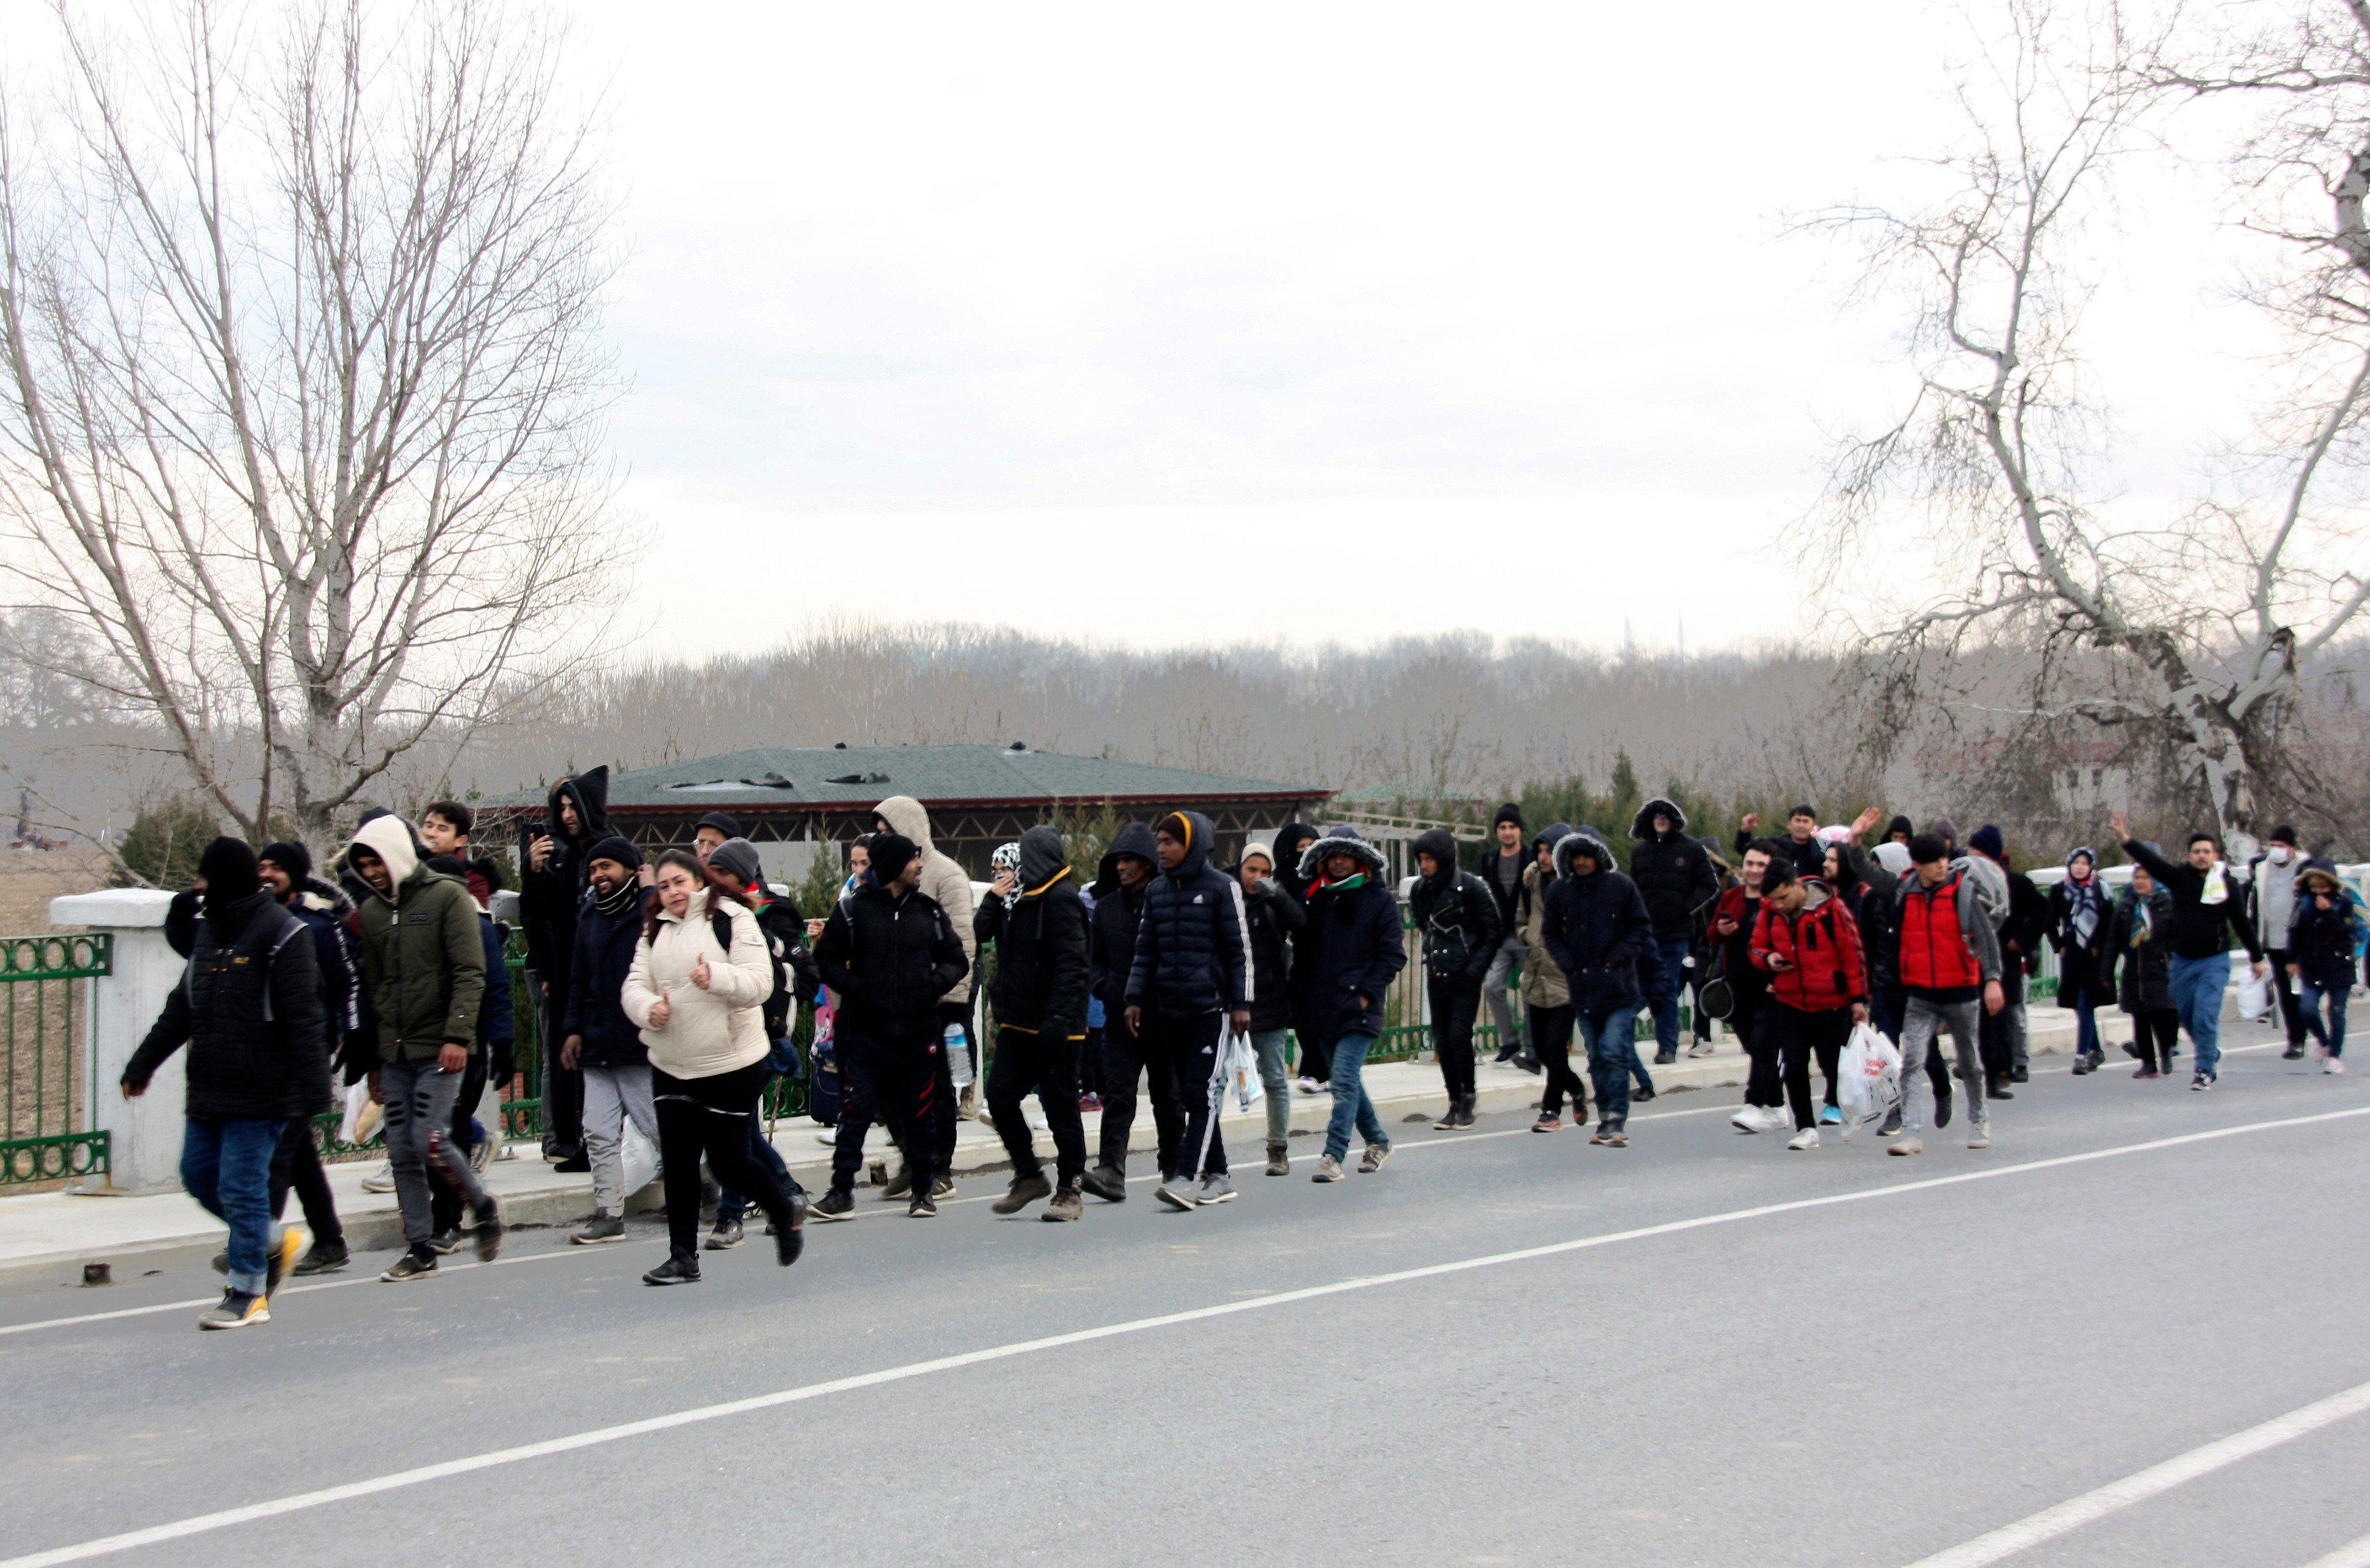 Imagini pentru greece bulgaria turkey refugees